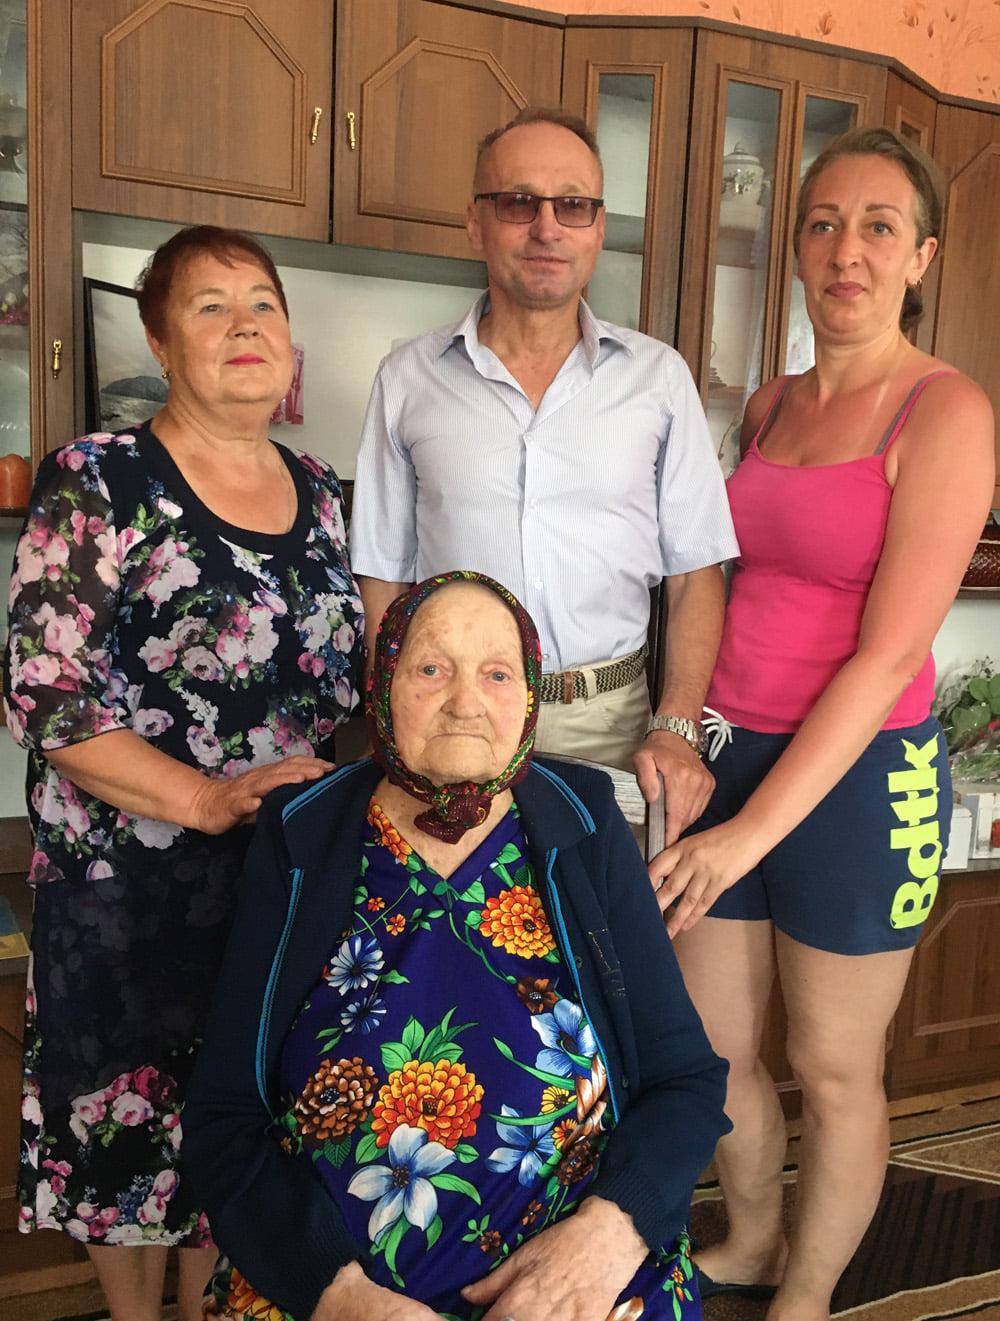 У 100 років – на «ти» з планшетом: на Чернігівщині привітали ювілярку. ФОТО